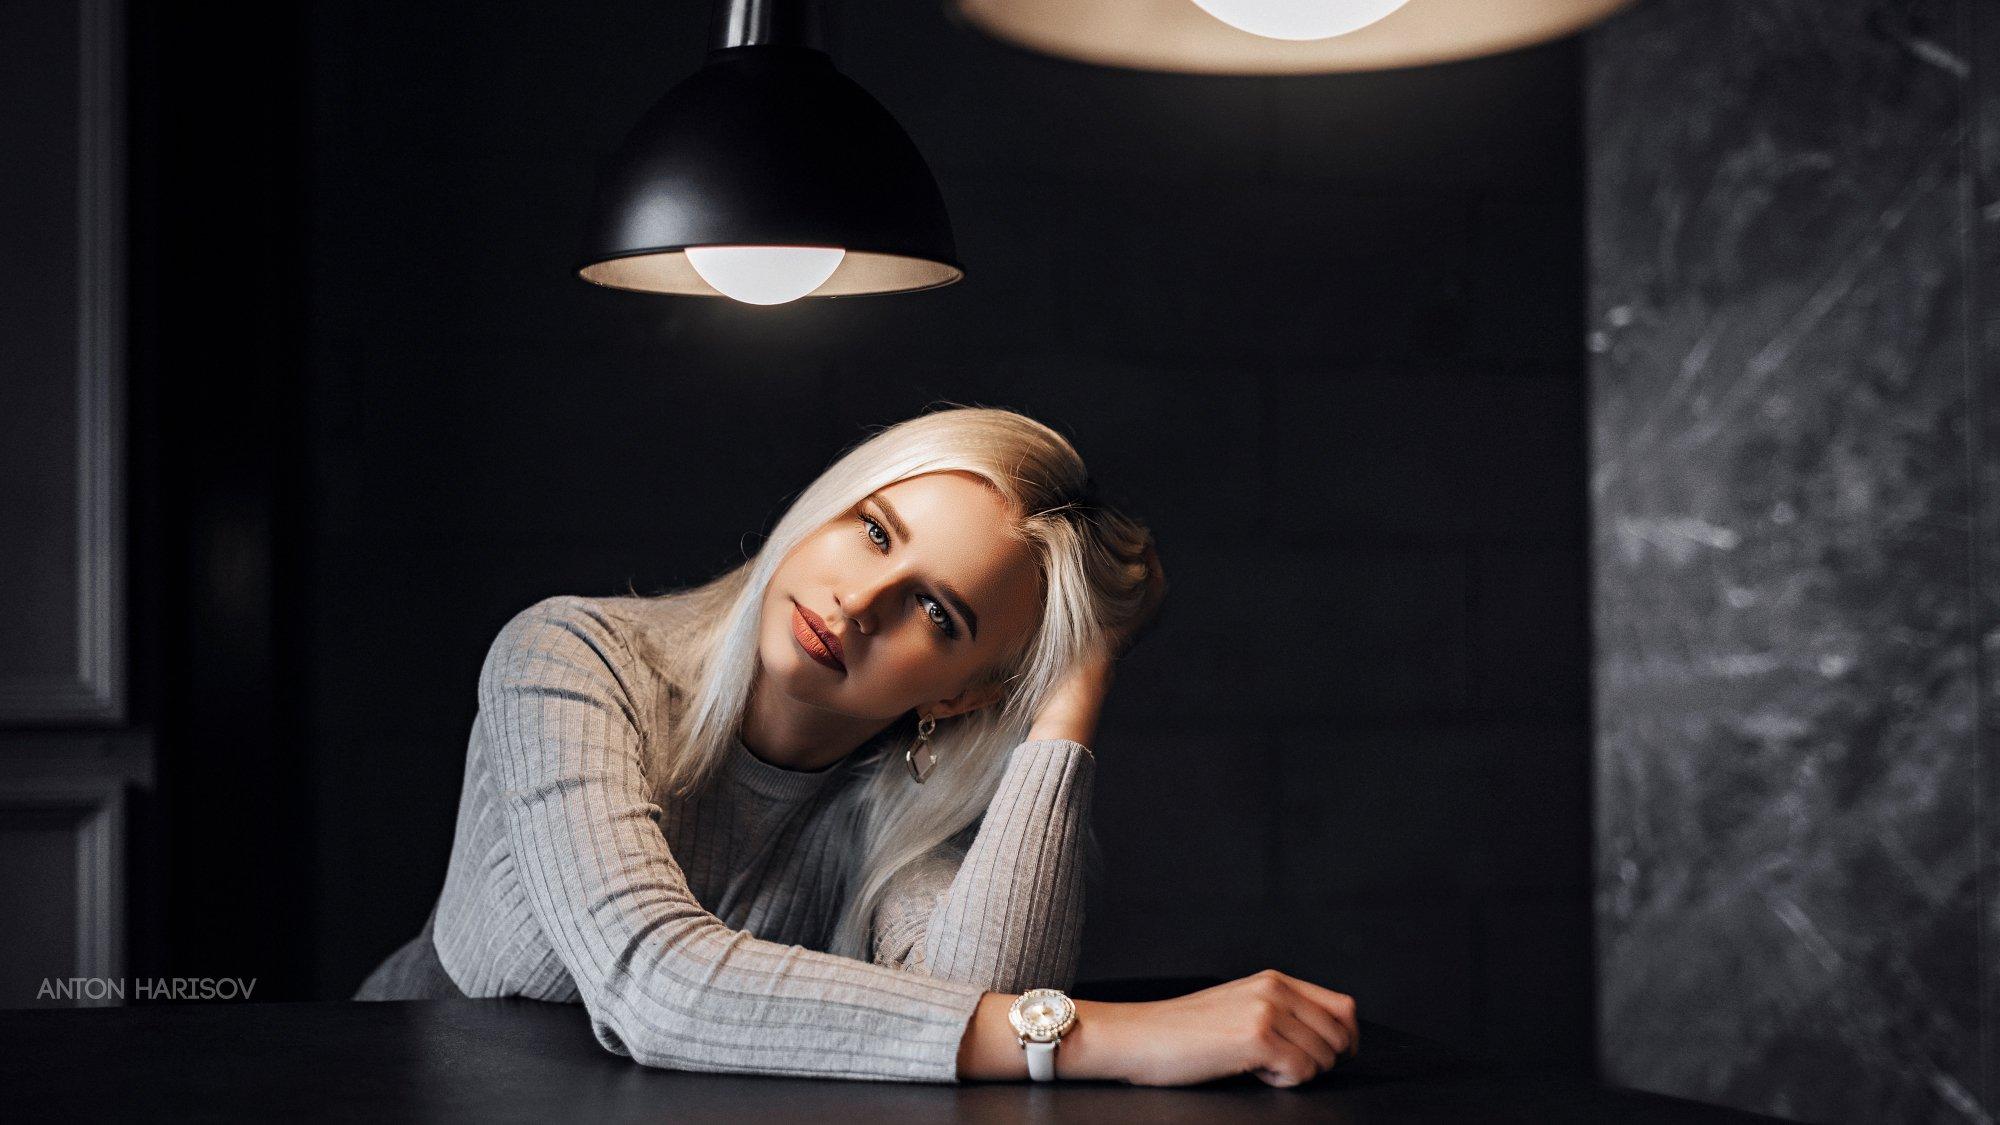 девушка, портрет, модель, , Антон Харисов